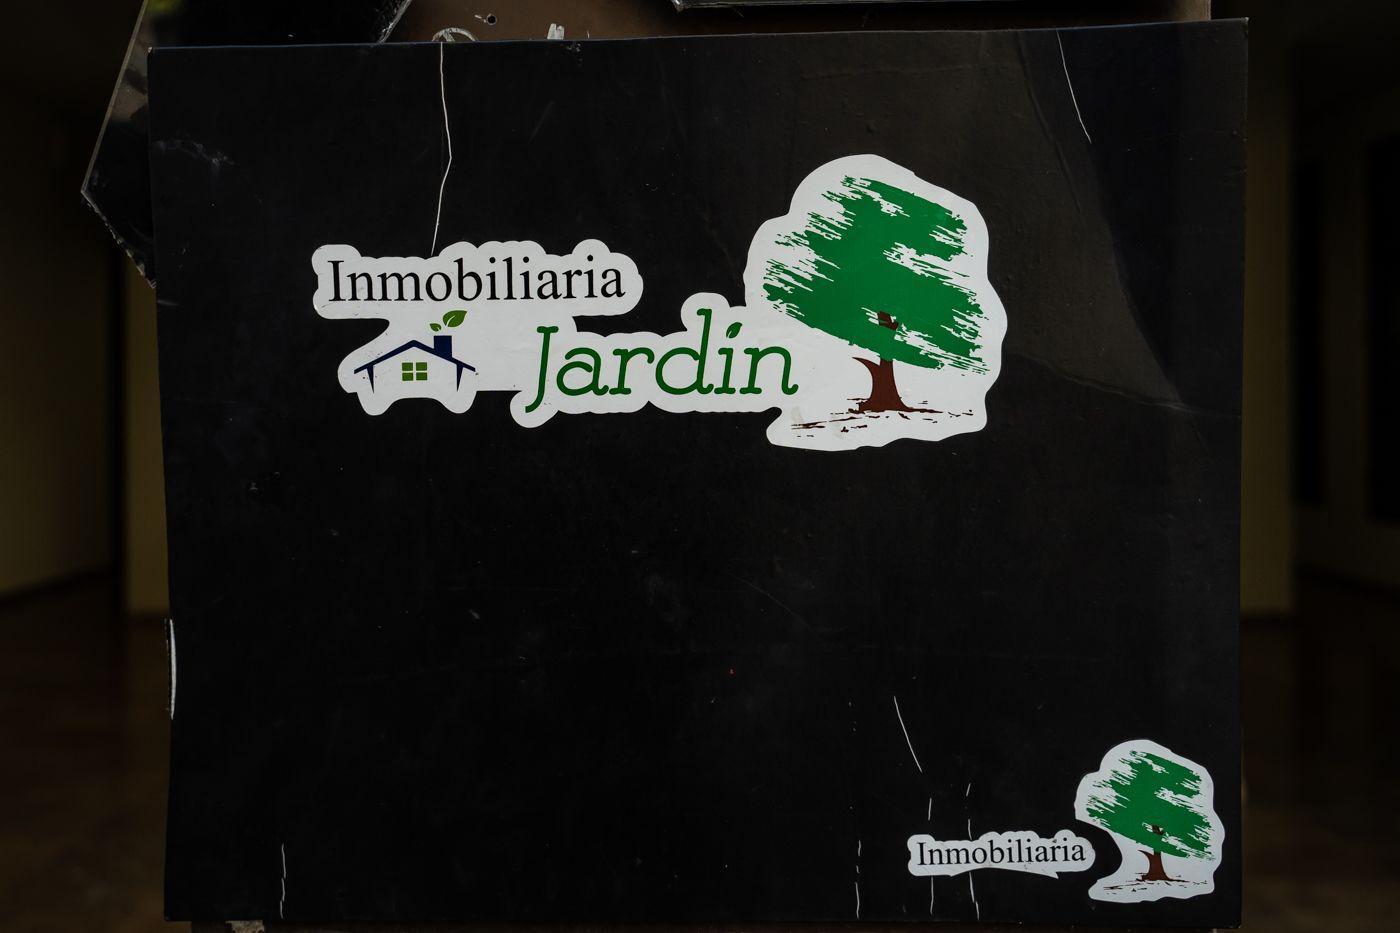 Logotipo del negocio